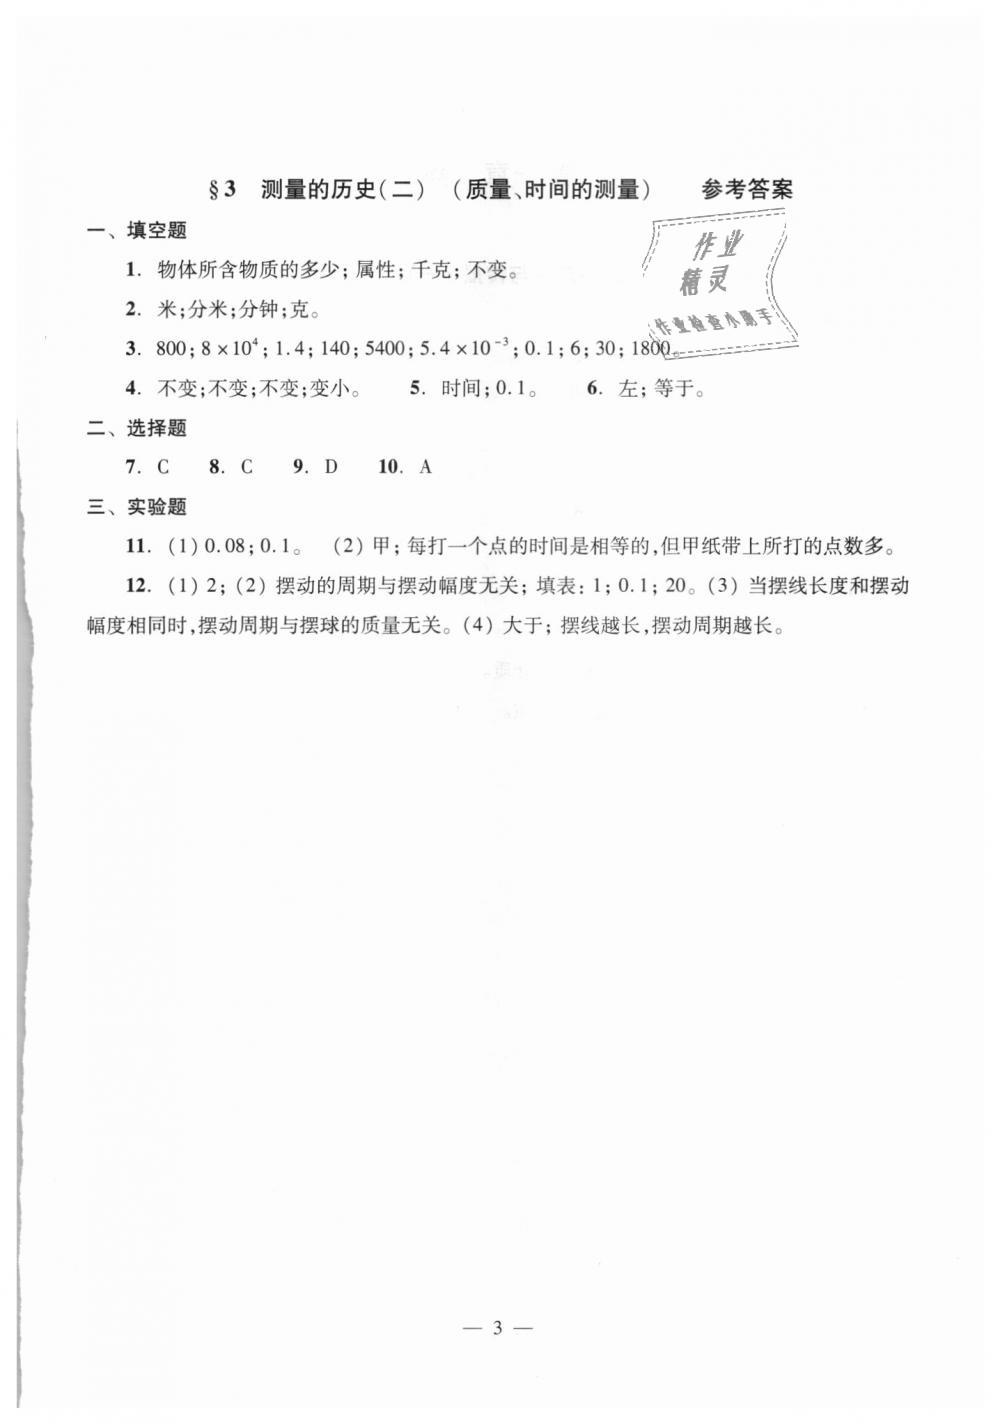 2018年初中物理双基过关堂堂练八年级全一册沪教版第3页